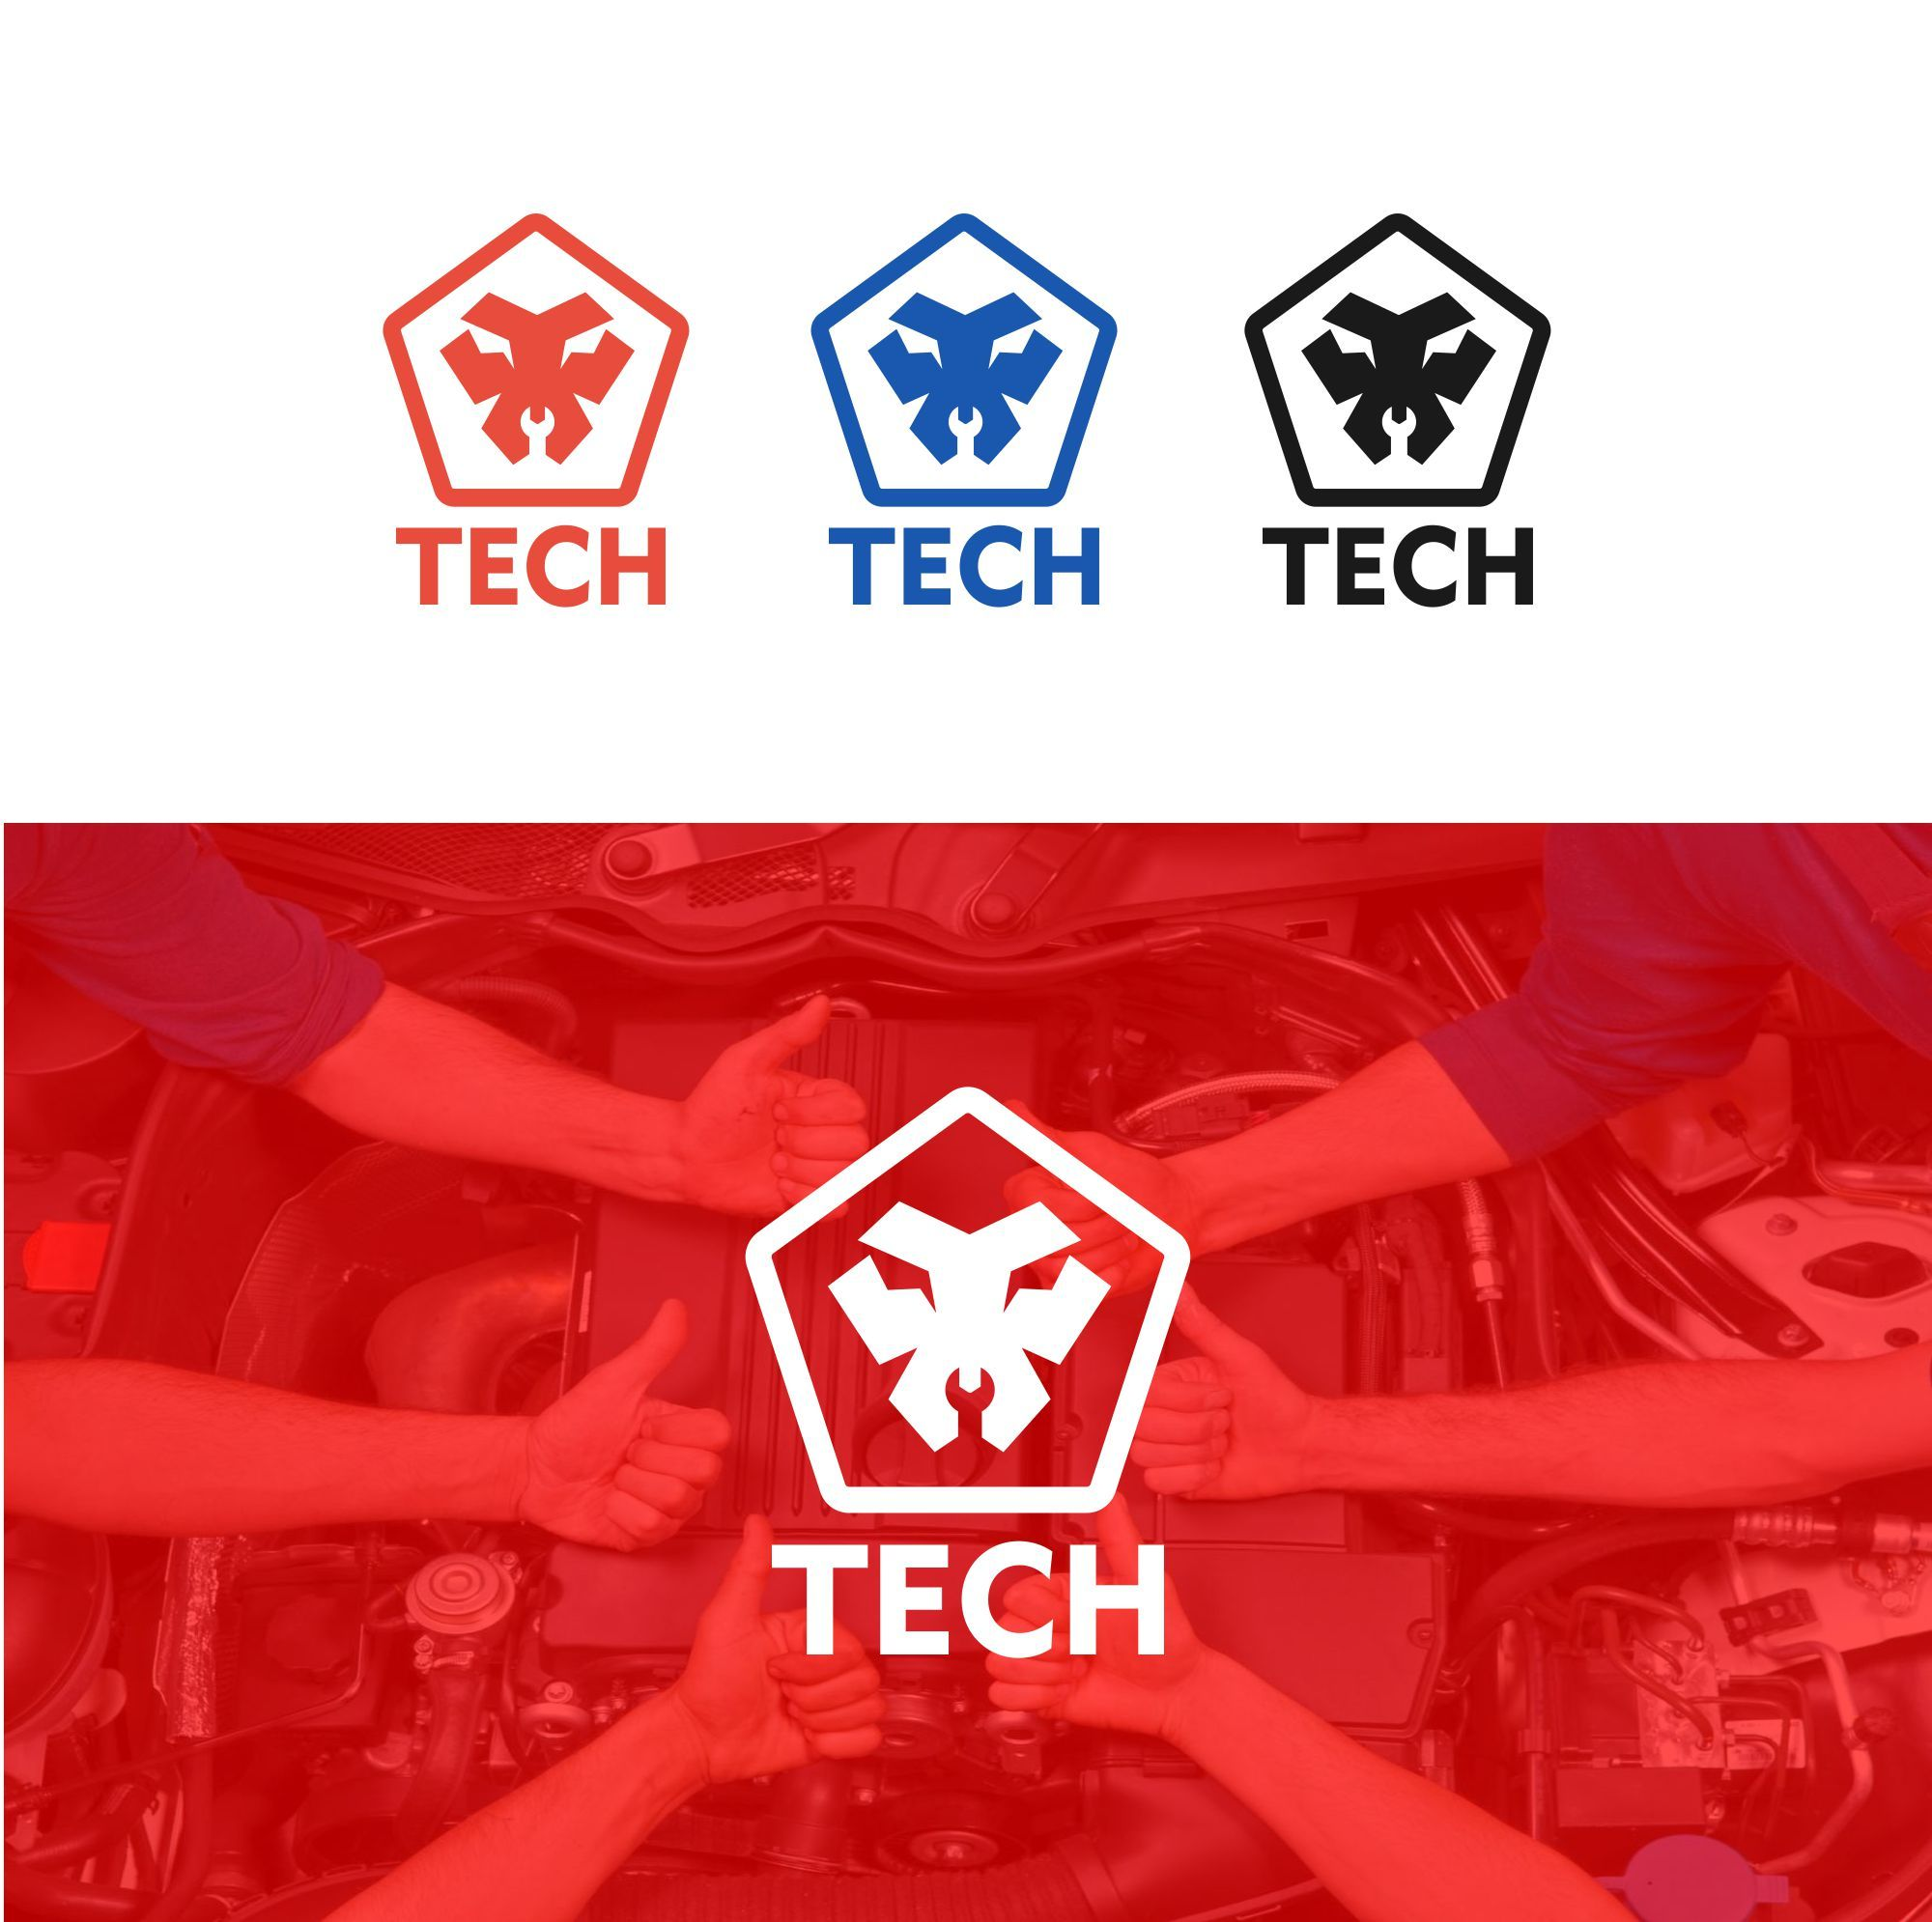 Логотип для TECH - дизайнер serz4868